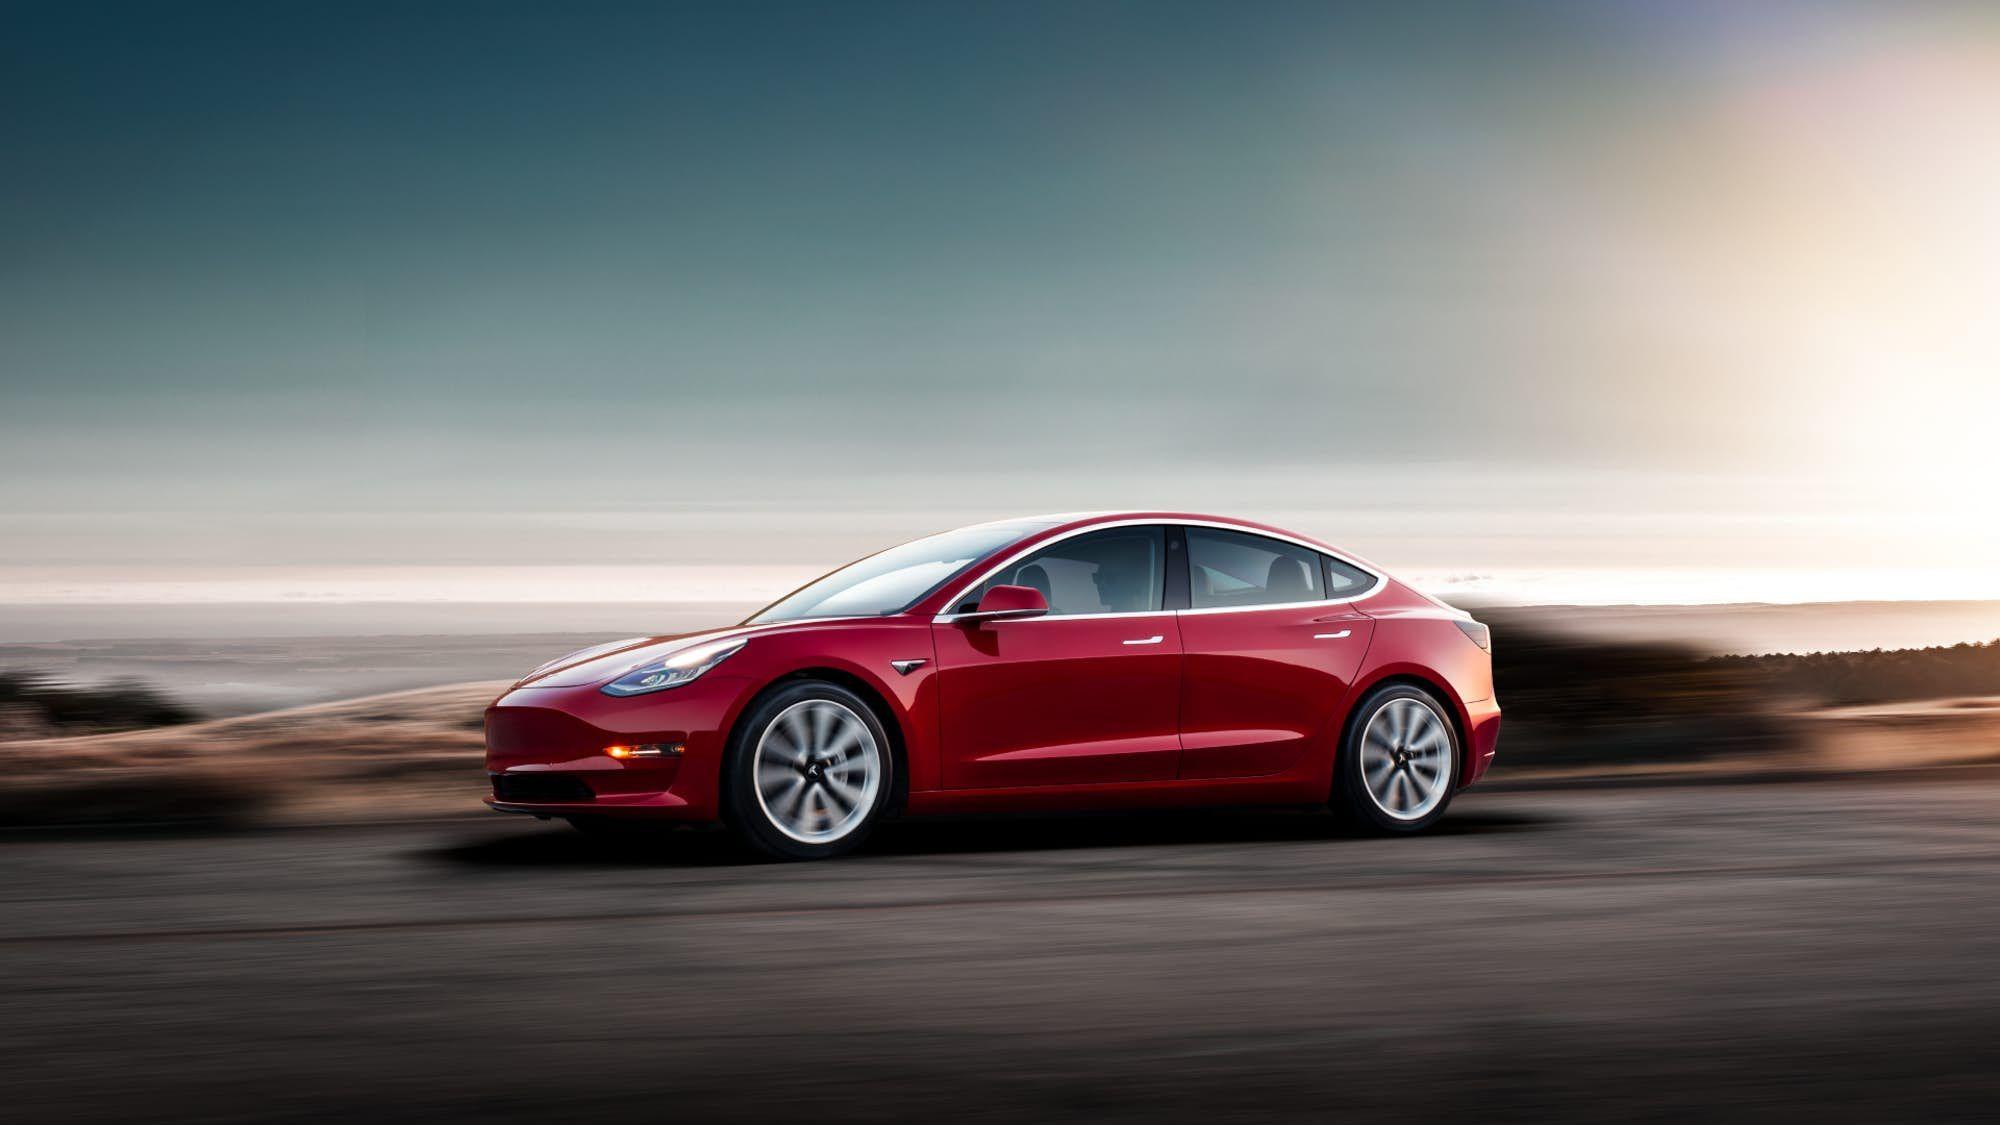 Musk Shares Performance Specs For Souped Up Tesla Model 3 Tesla Model Tesla Electric Cars